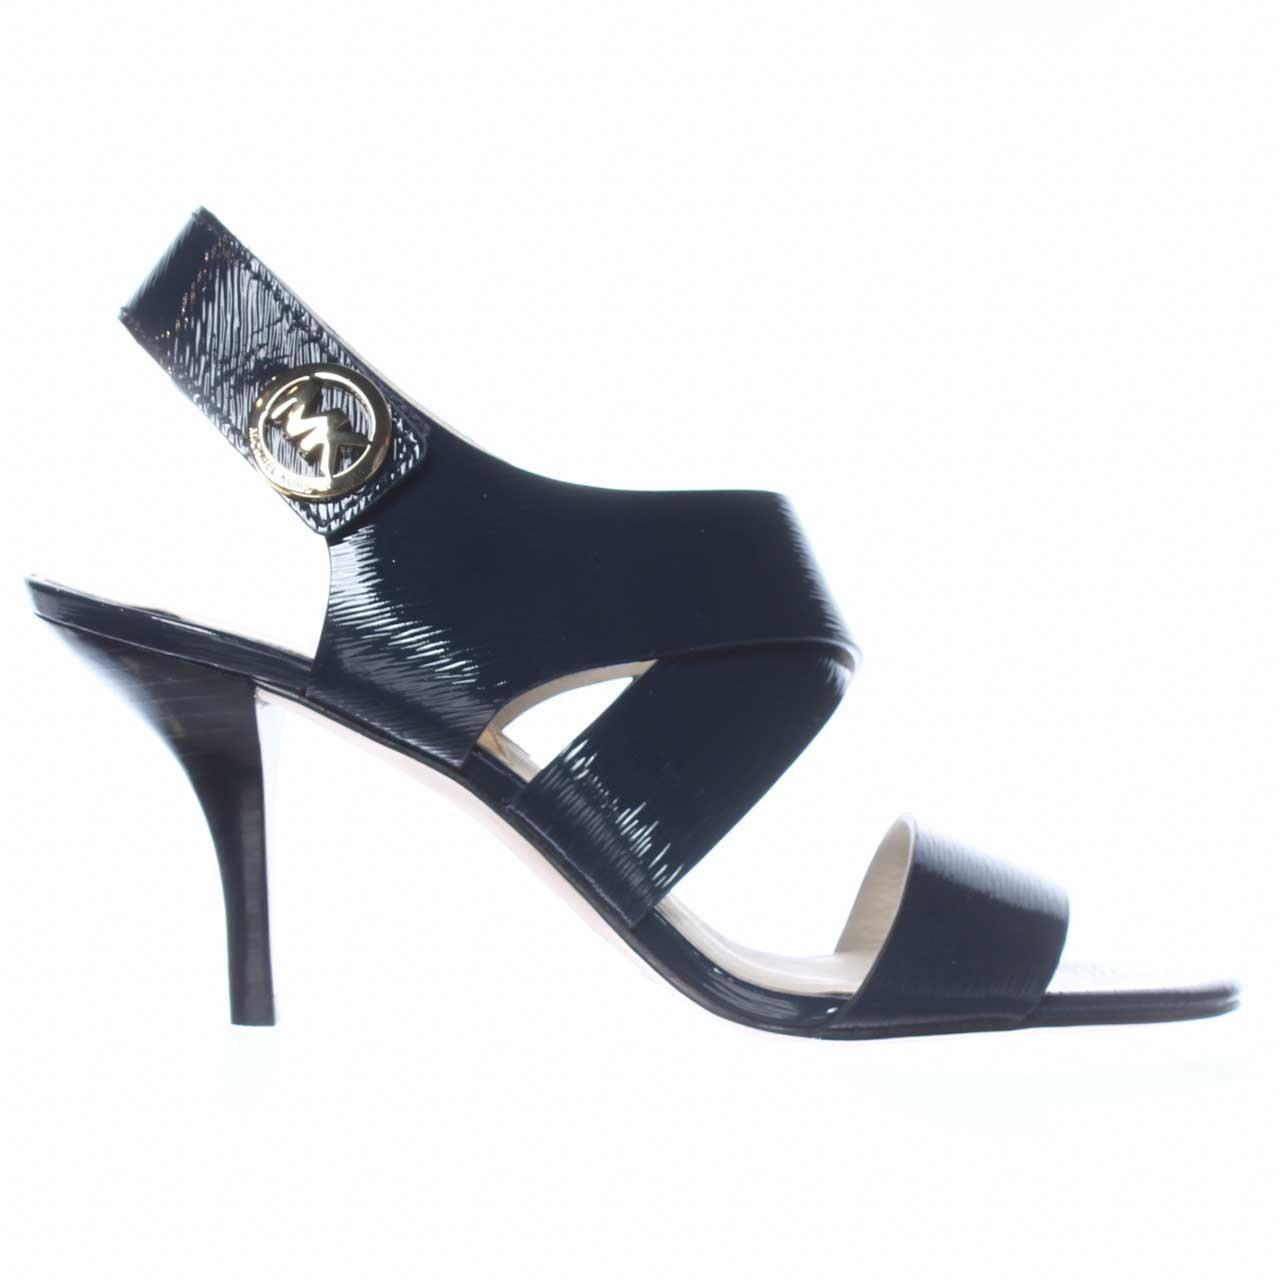 344cfdad694b0 Michael Kors Michael Joselle Open Toe Dress Sandals in Blue - Lyst